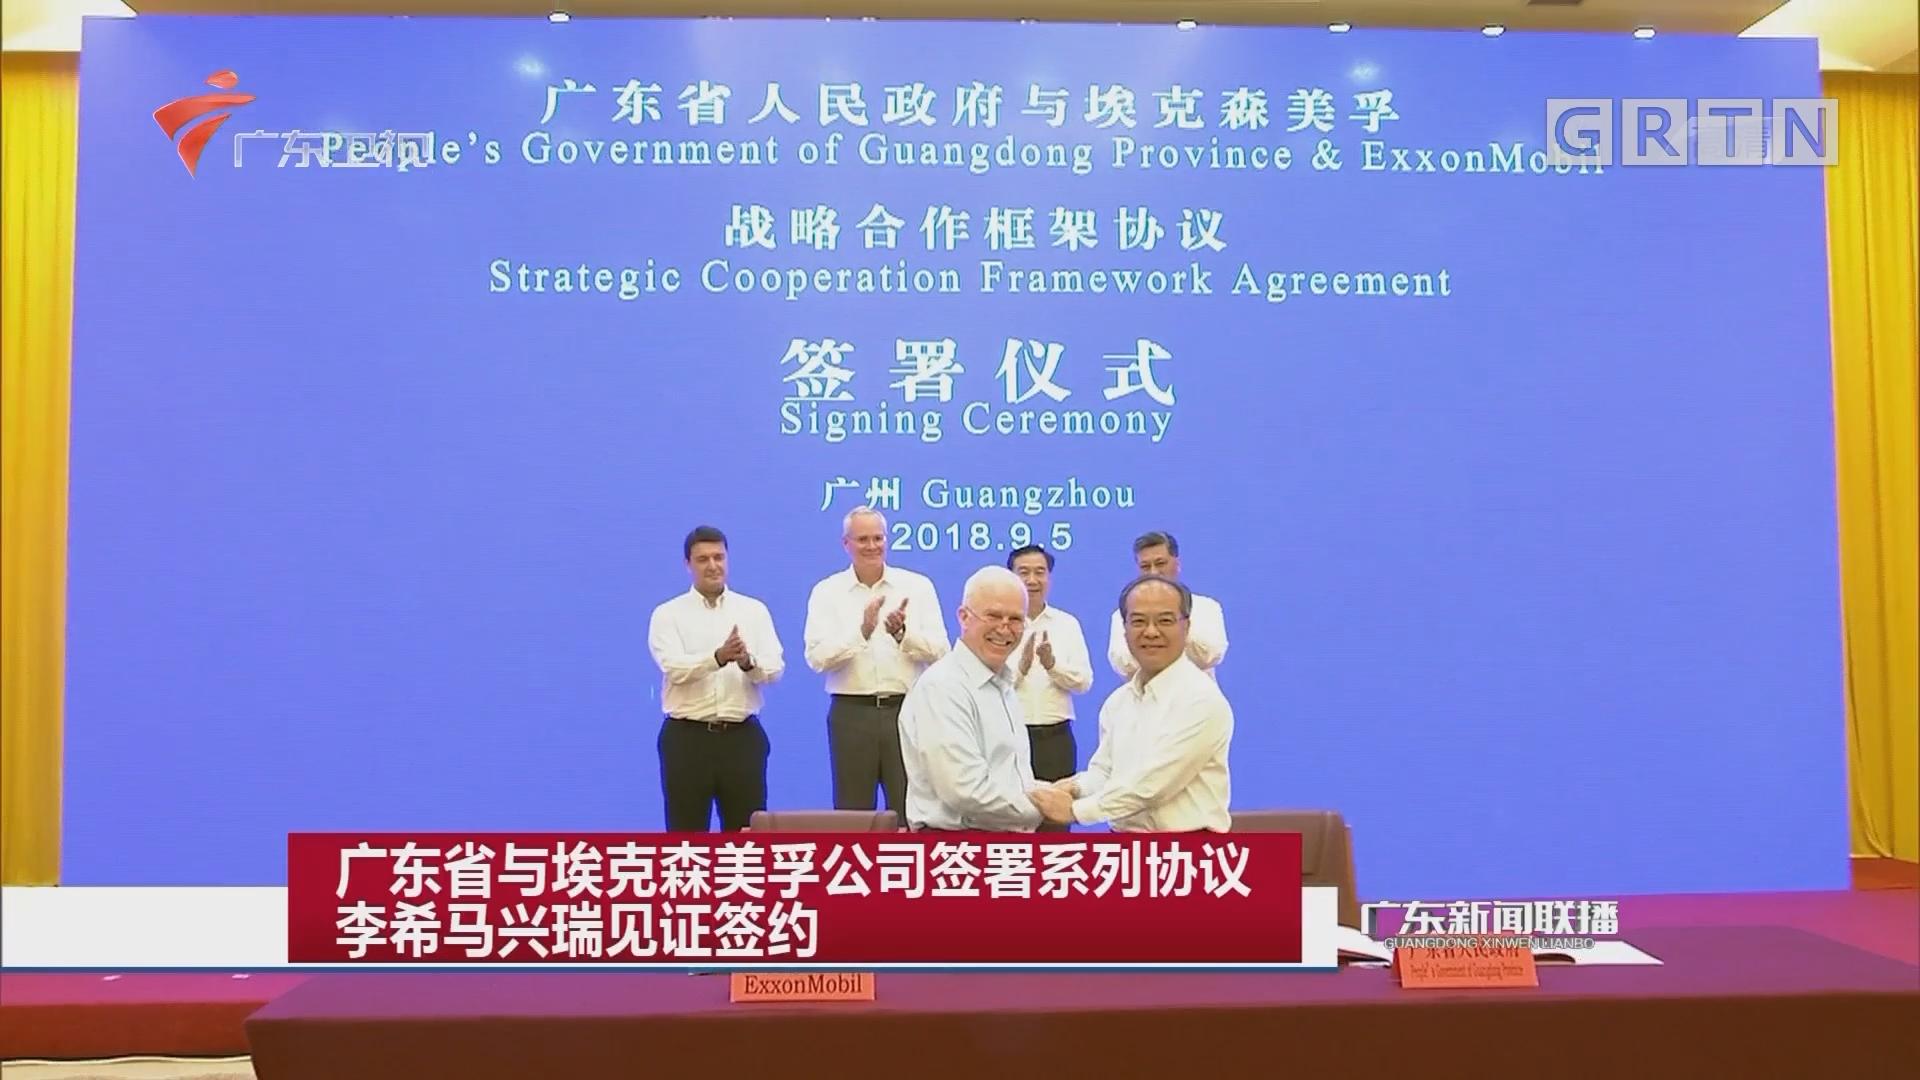 广东省与埃克森美孚公司签署系列协议 李希马兴瑞见证签约